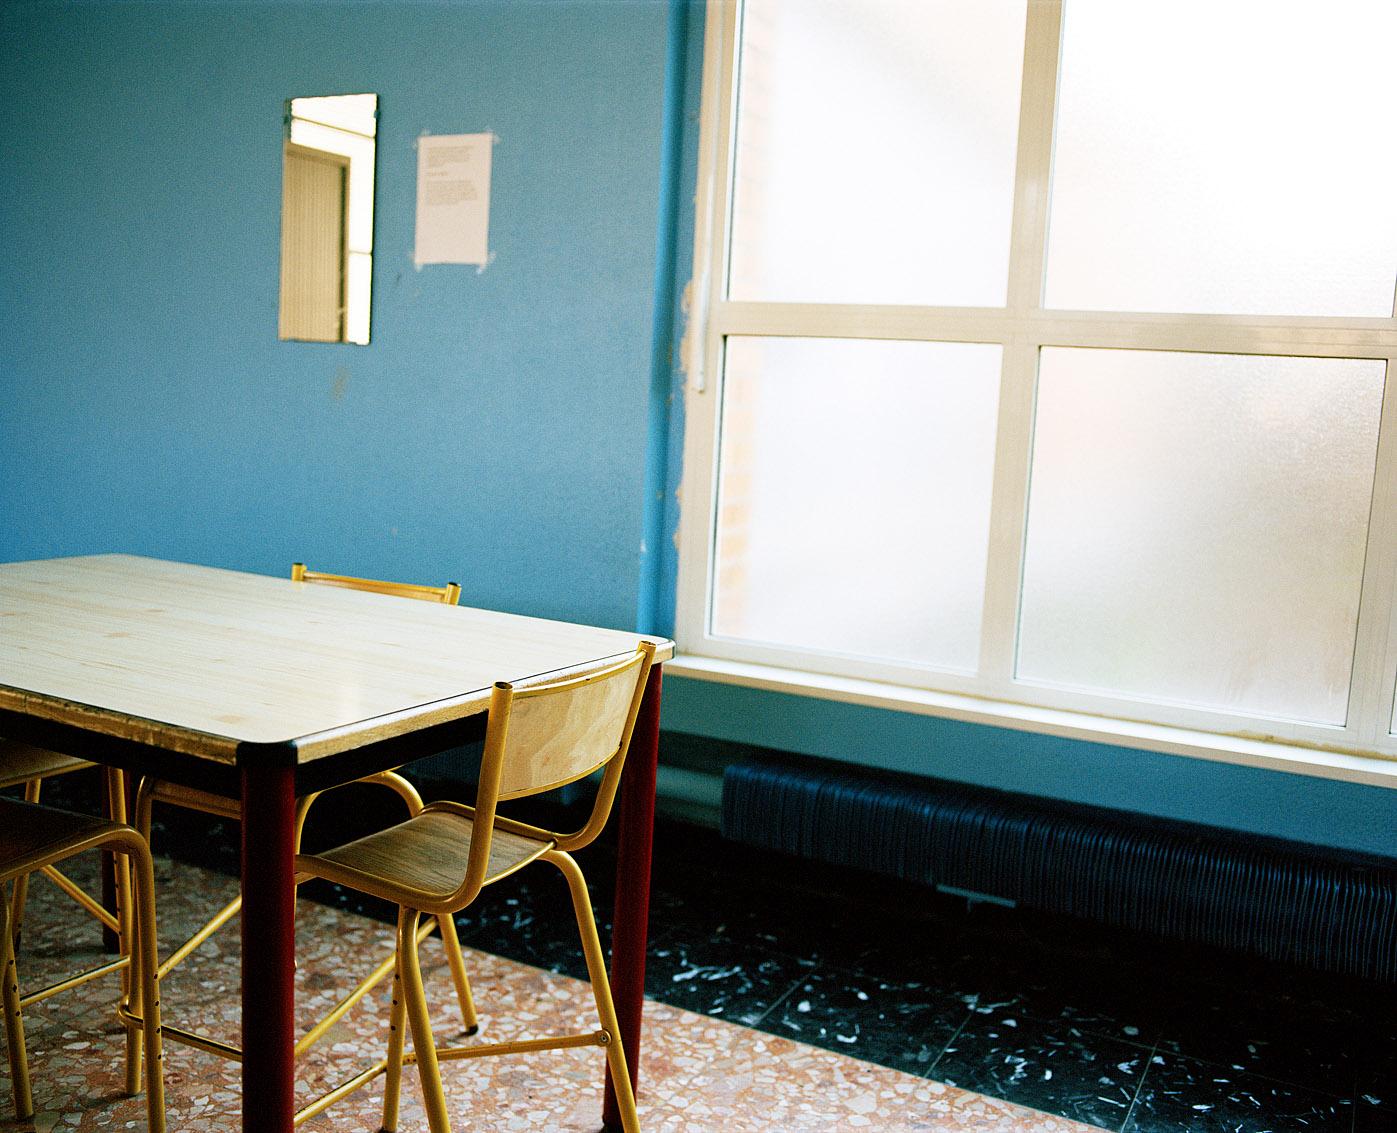 Salle d'attente, côté femmes, des bains-douches municipaux Fives de Lille.